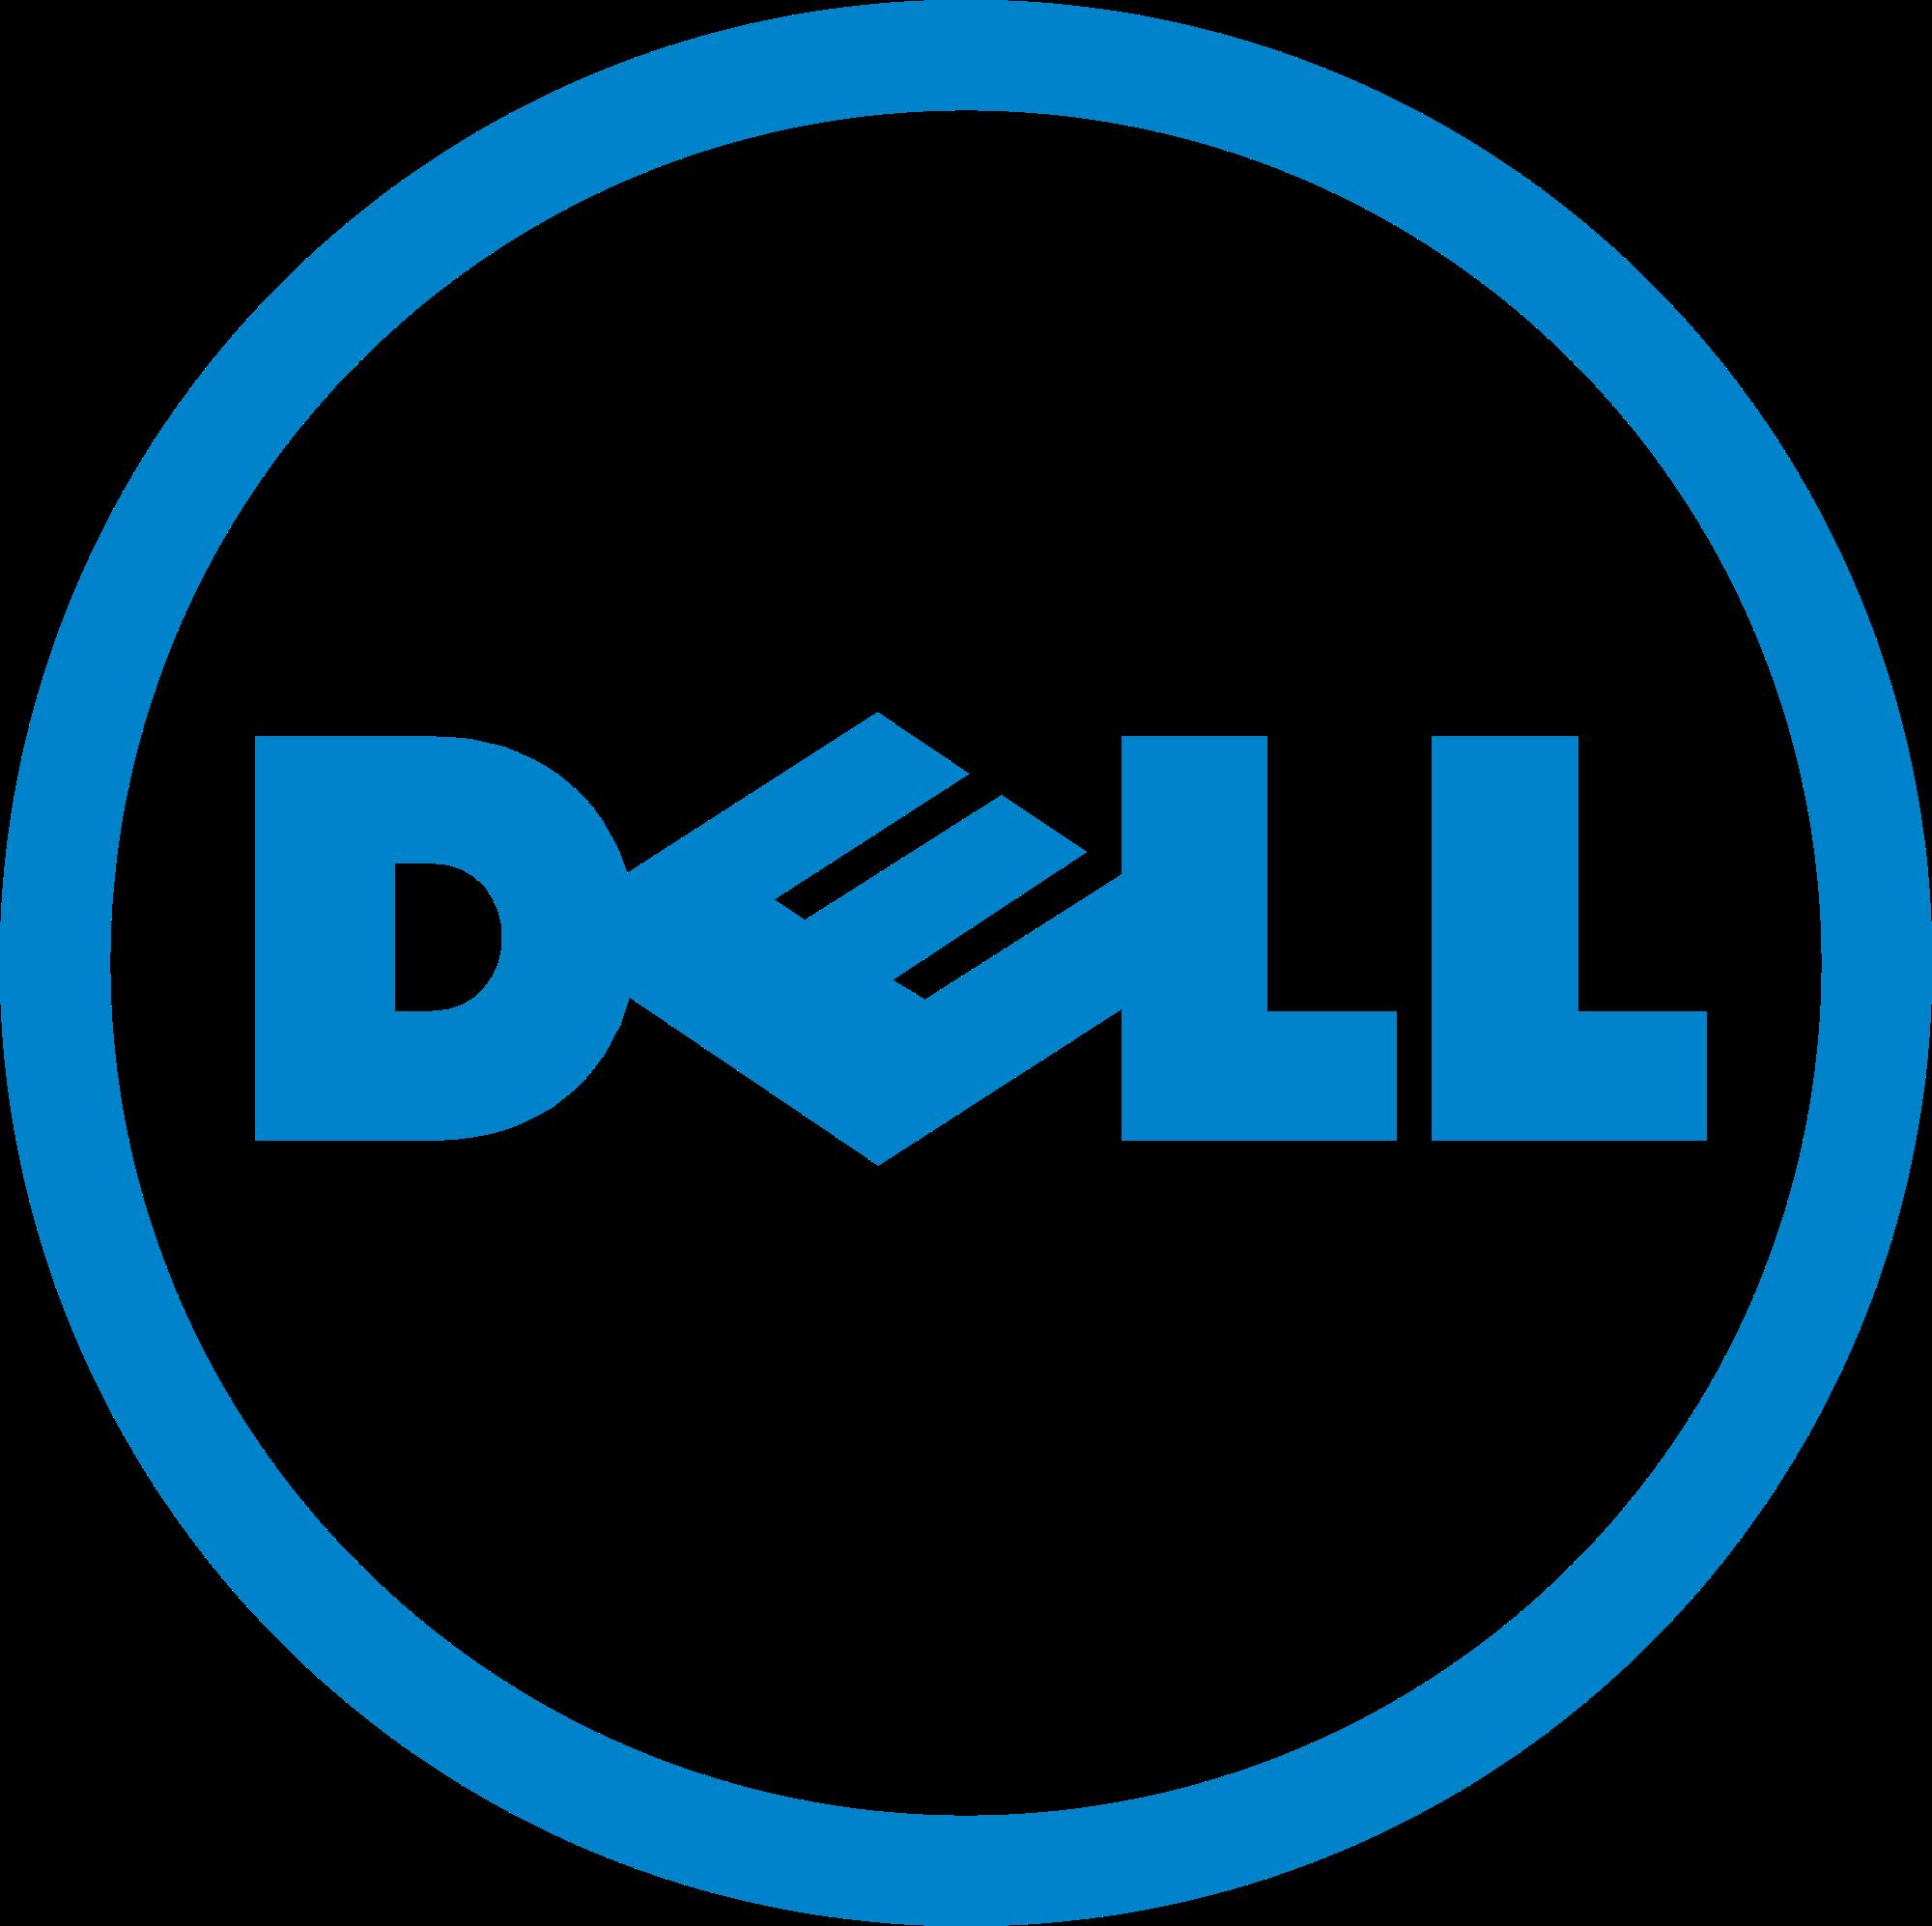 ฝาหลังจอ Dell Vostro 15 7570 LCD Back Cover อะไหล่ แท้ ตรงรุ่น ประกันศูนย์ Dell Thailand